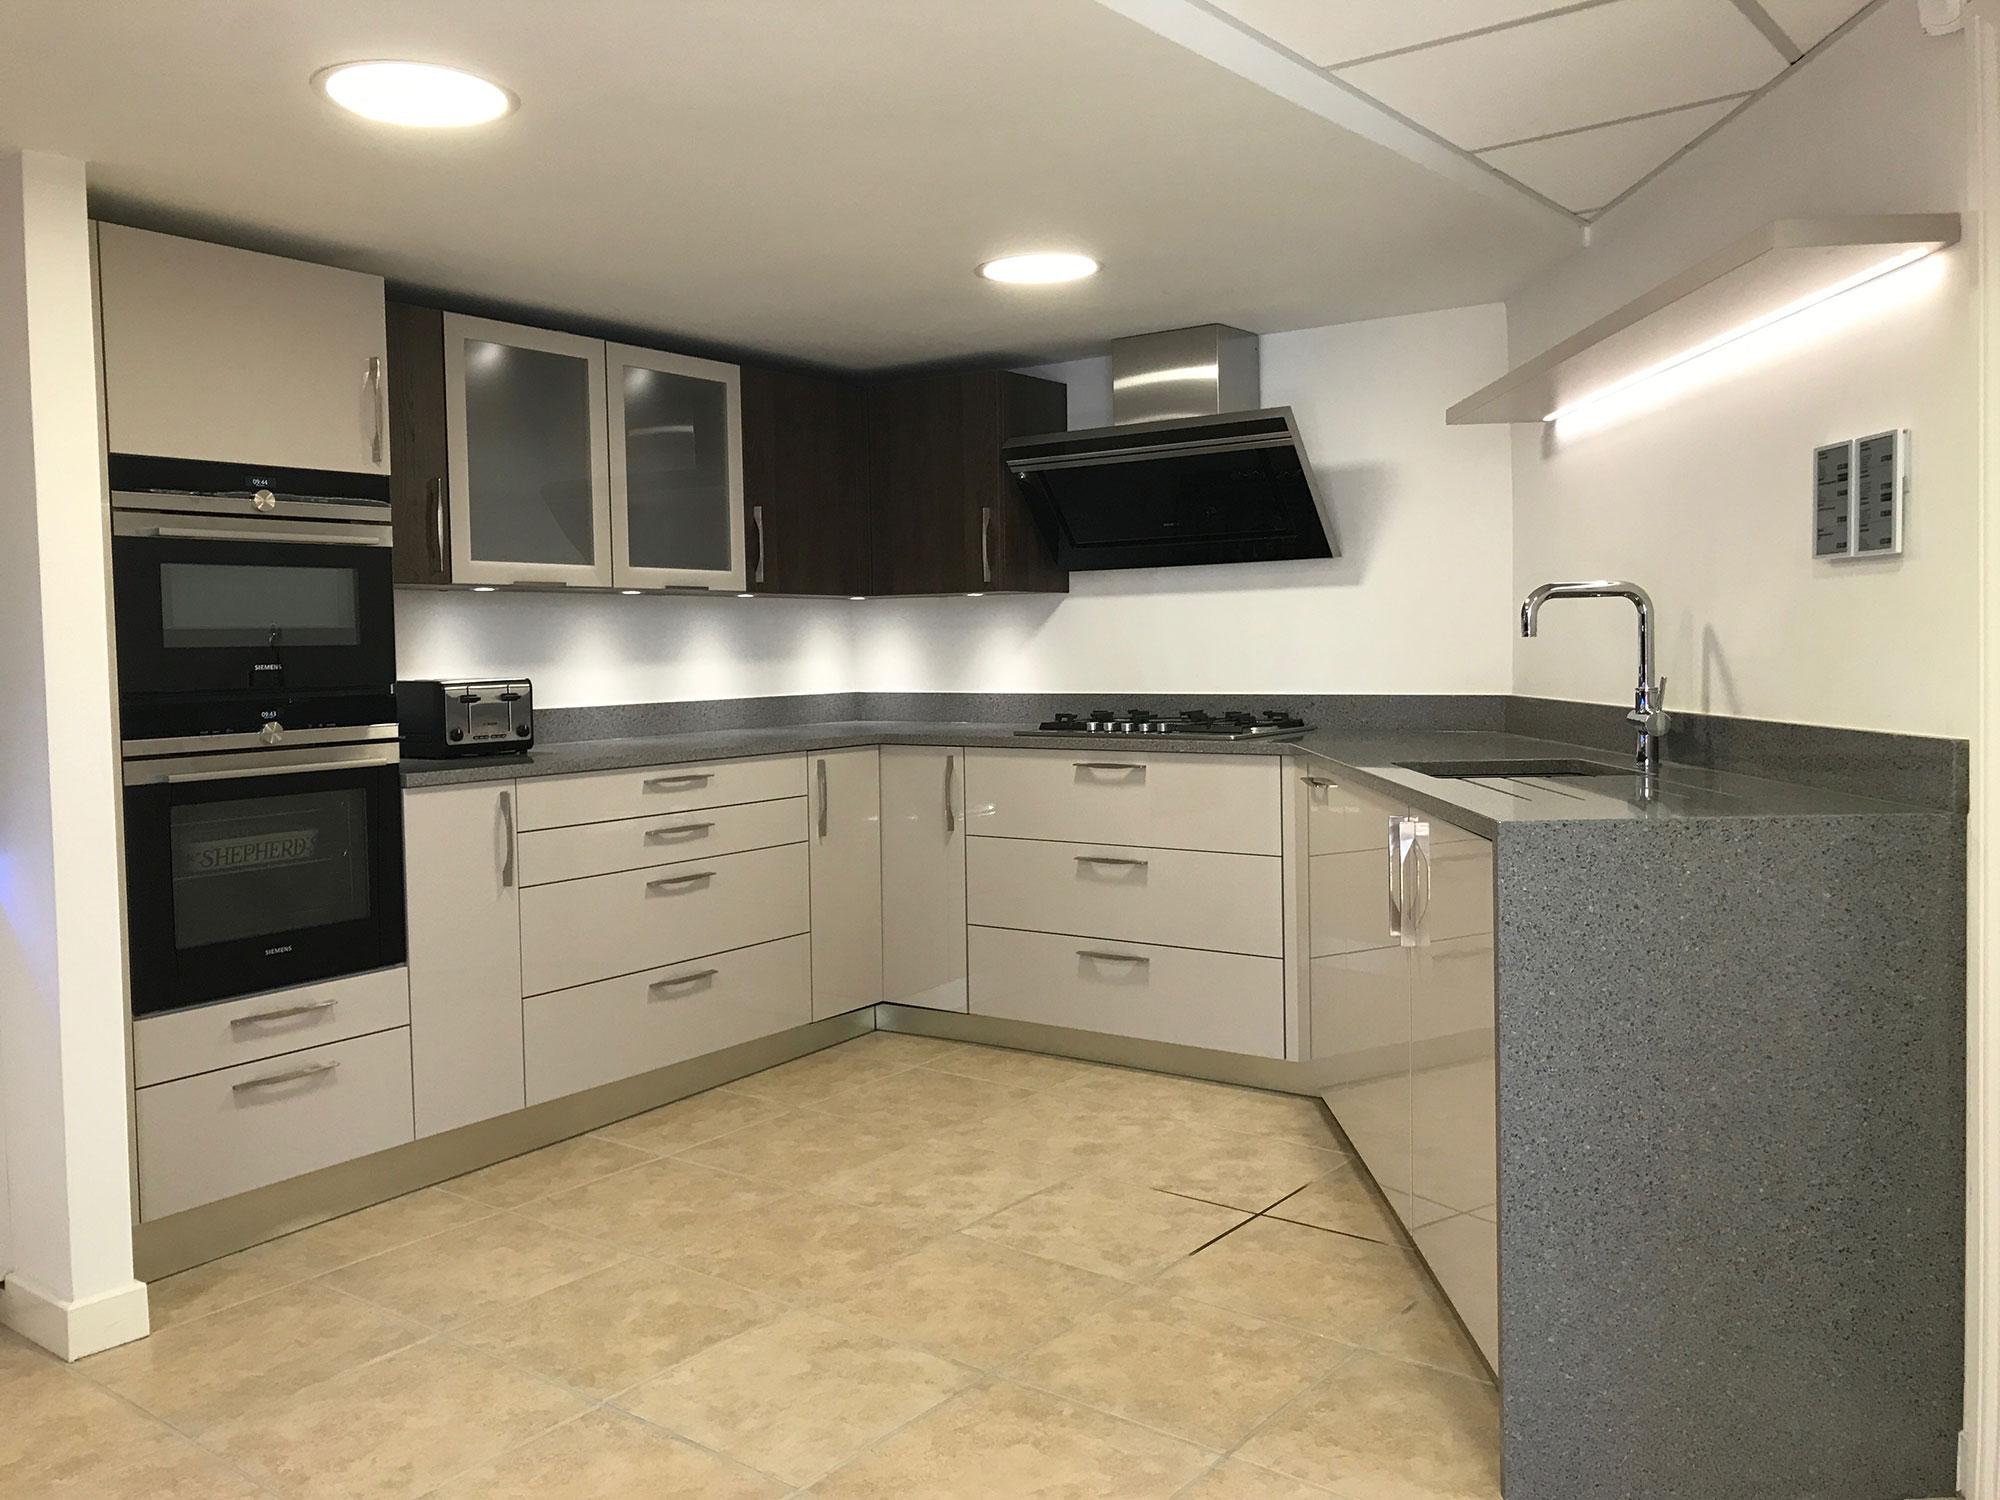 Kitchens Benfleet